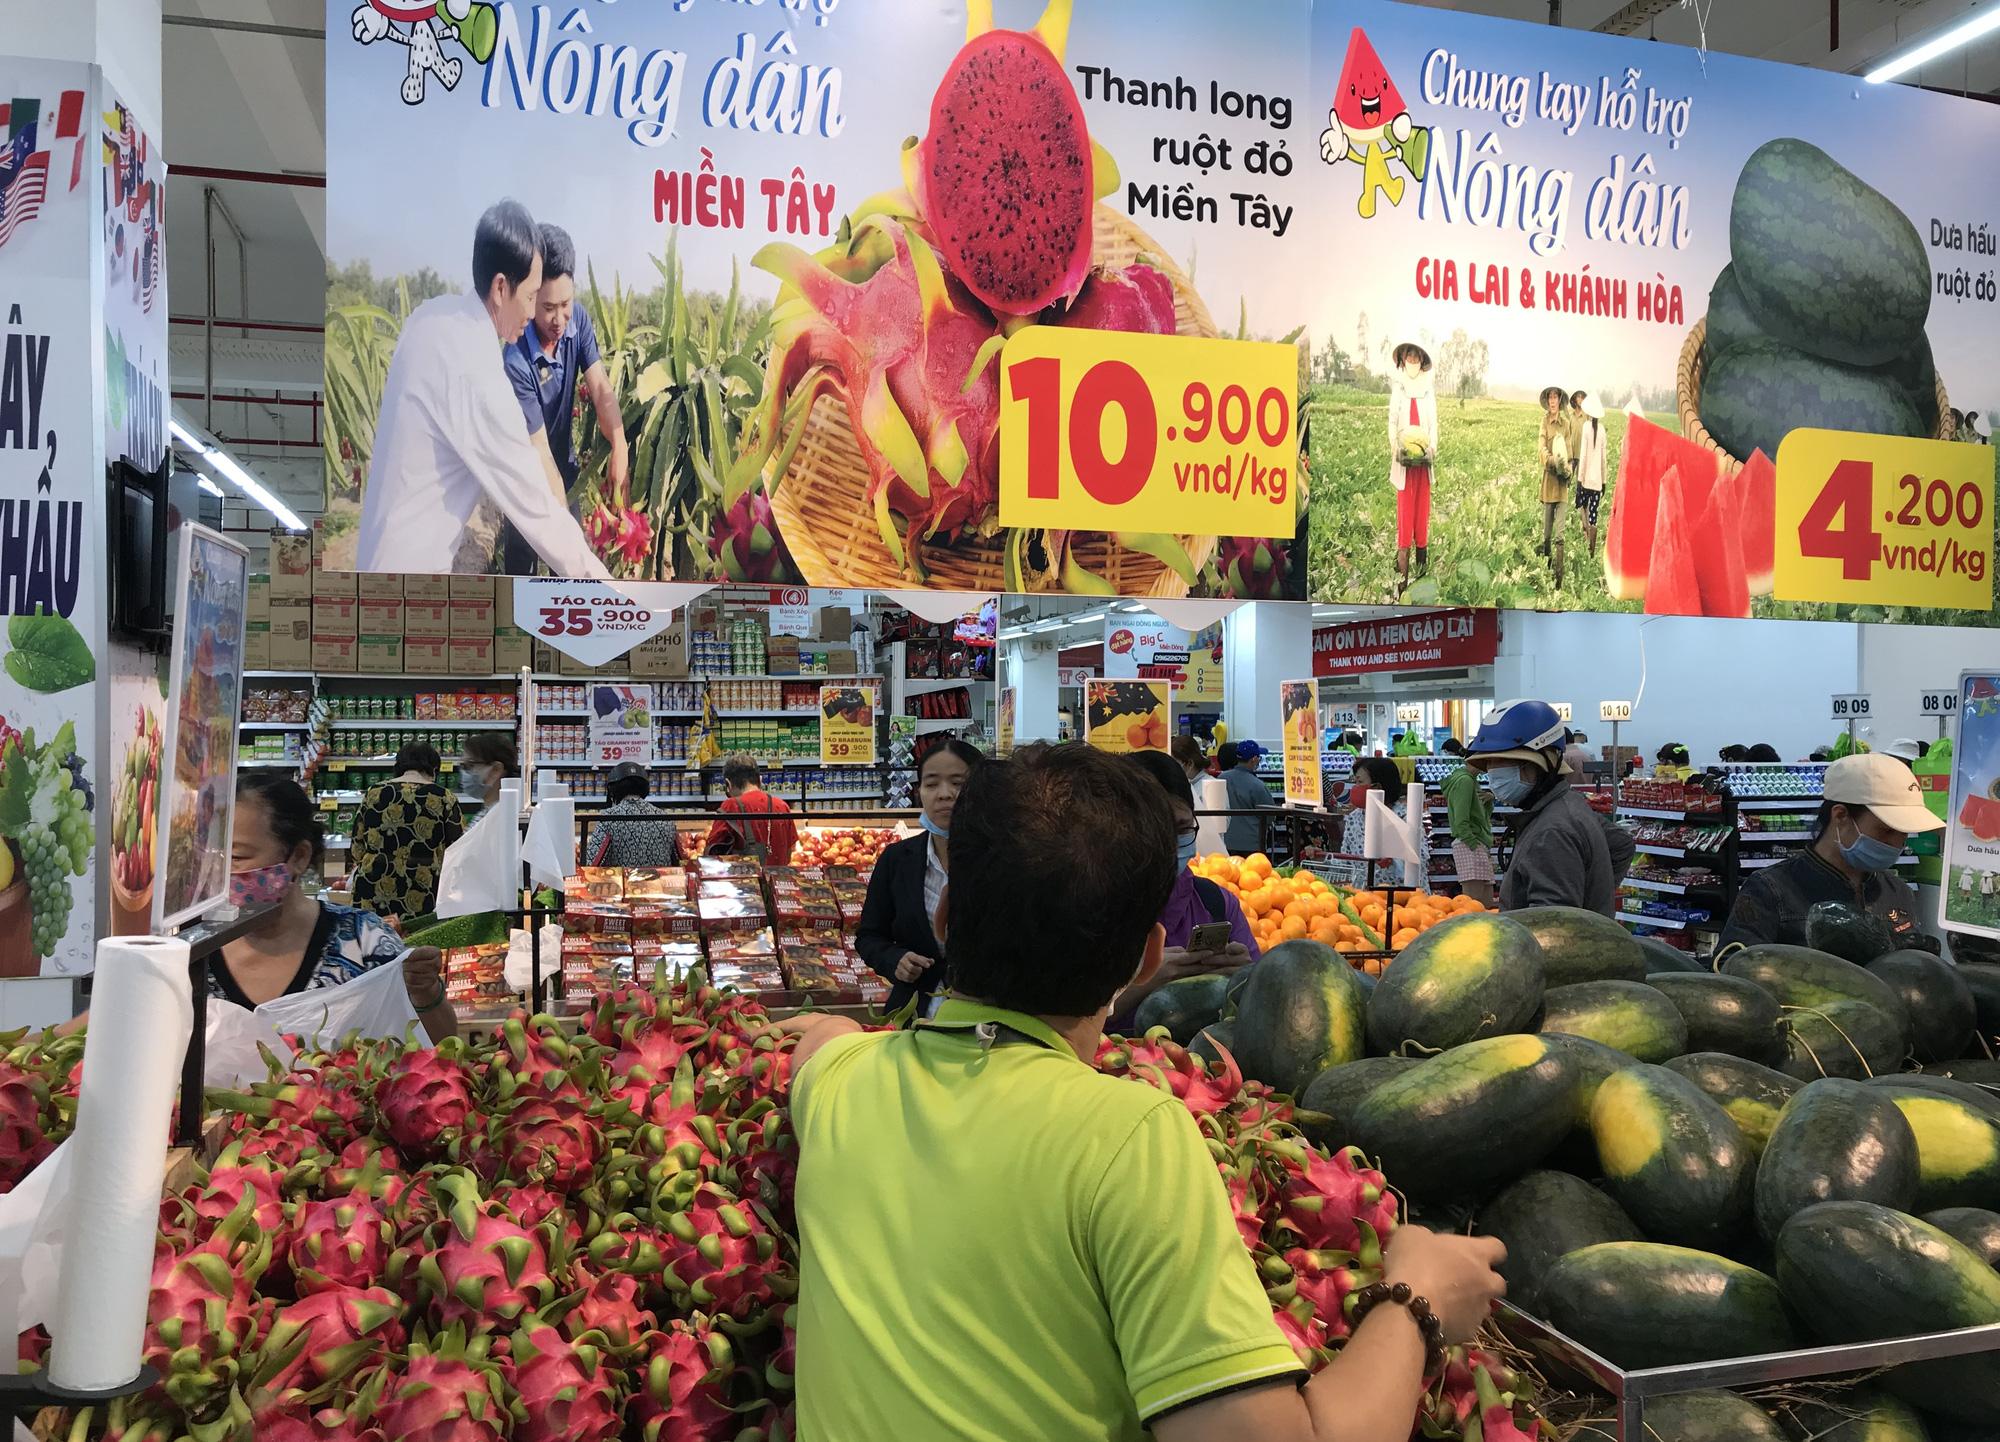 Người Sài Gòn đổ xô giải cứu dưa hấu, thanh long từ 4.200 đồng/kg trong siêu thị, mới 8h, có nơi đã hết sạch - Ảnh 15.